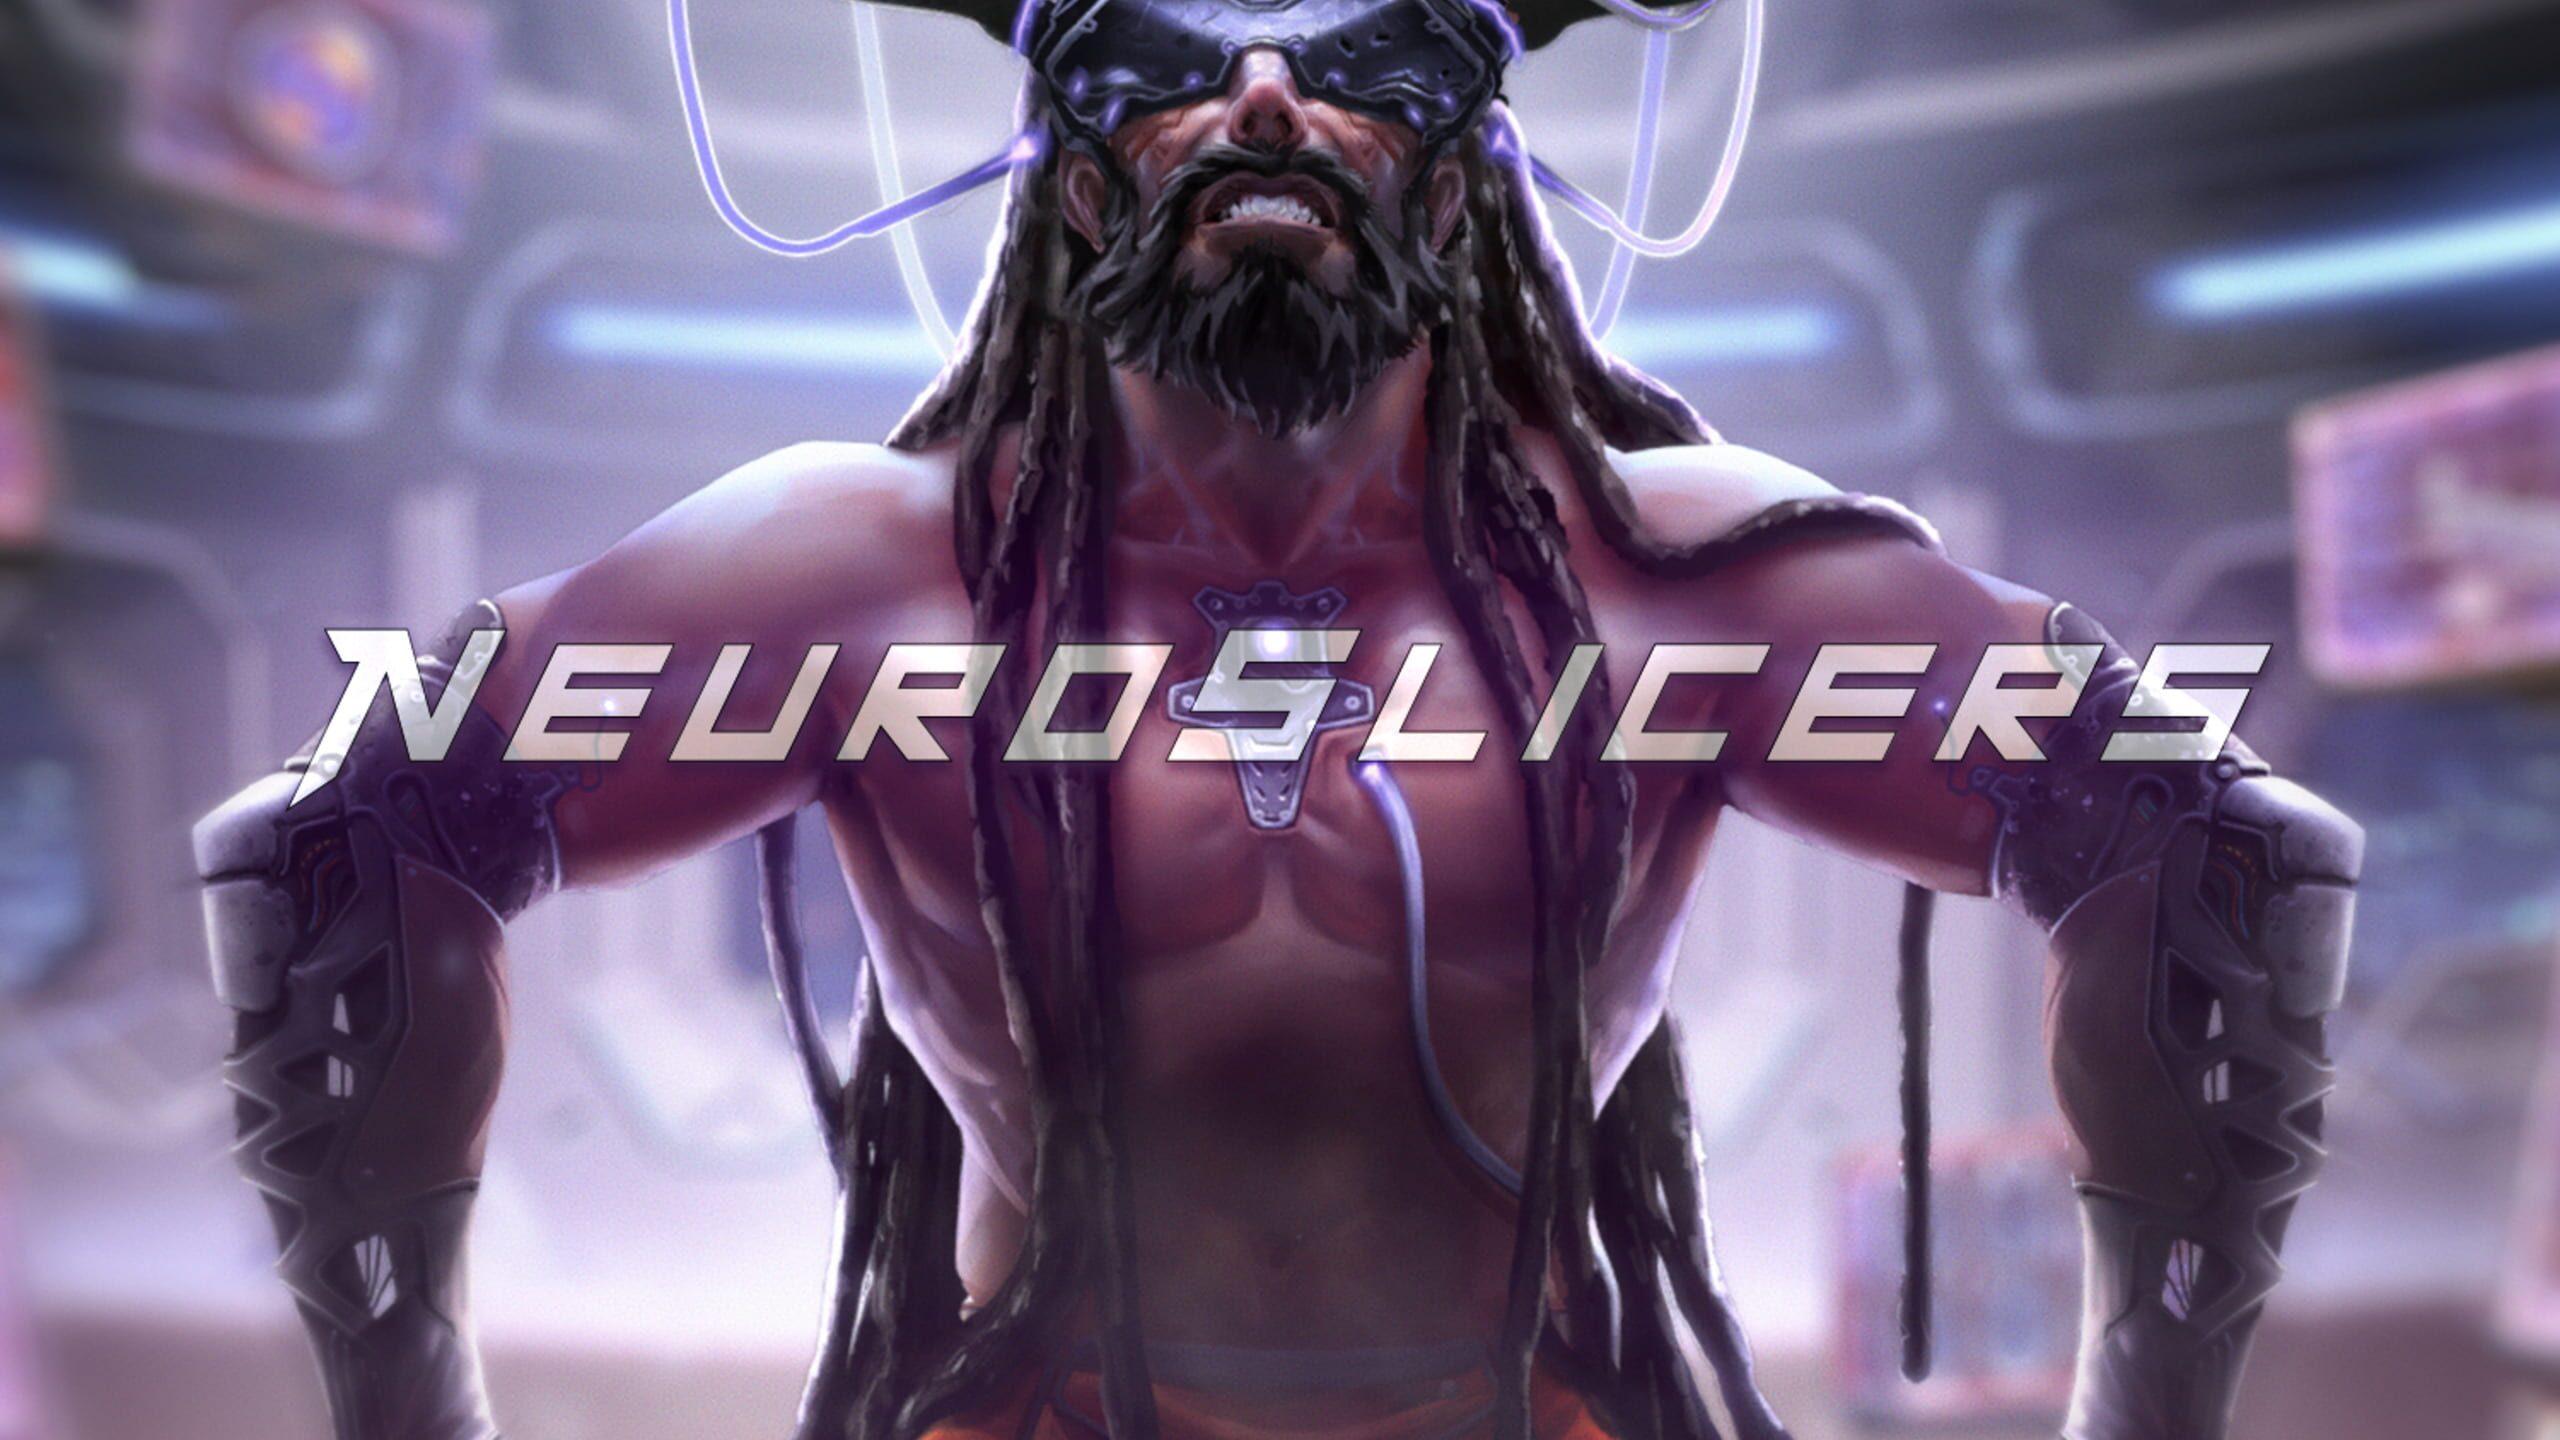 game cover art for NeuroSlicers